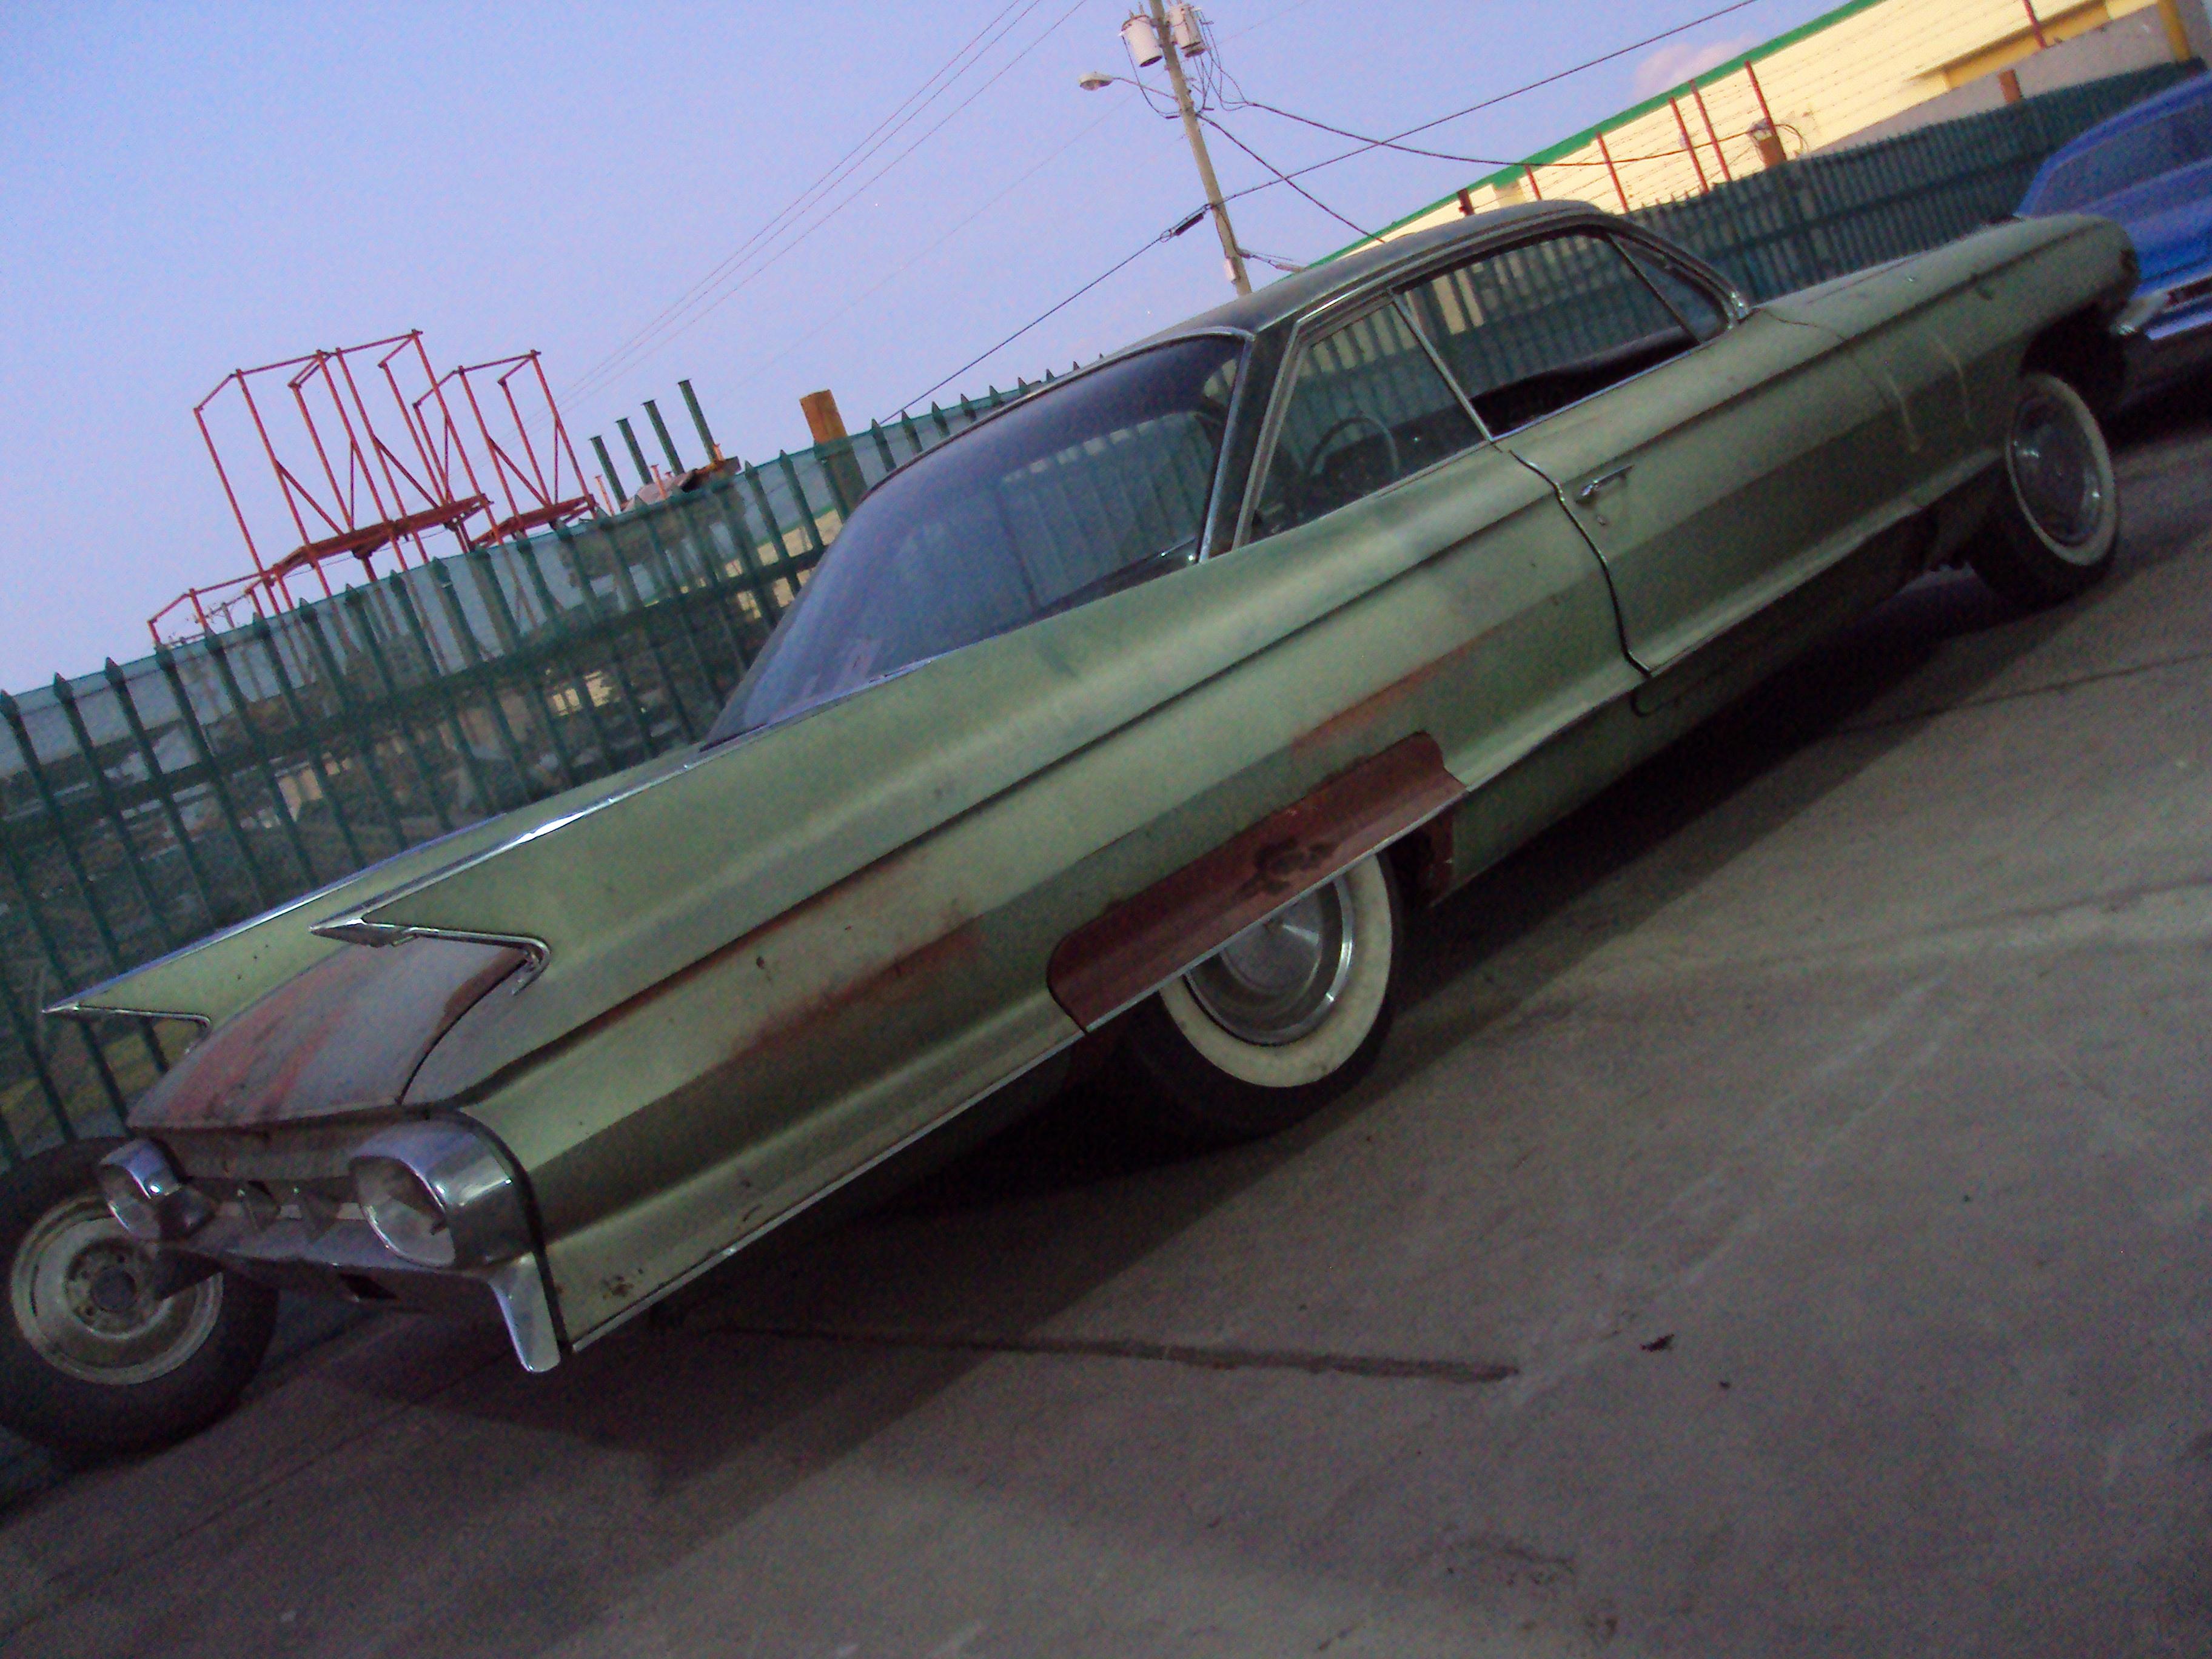 1961 Cadillac Chop Top Yaril S Customs